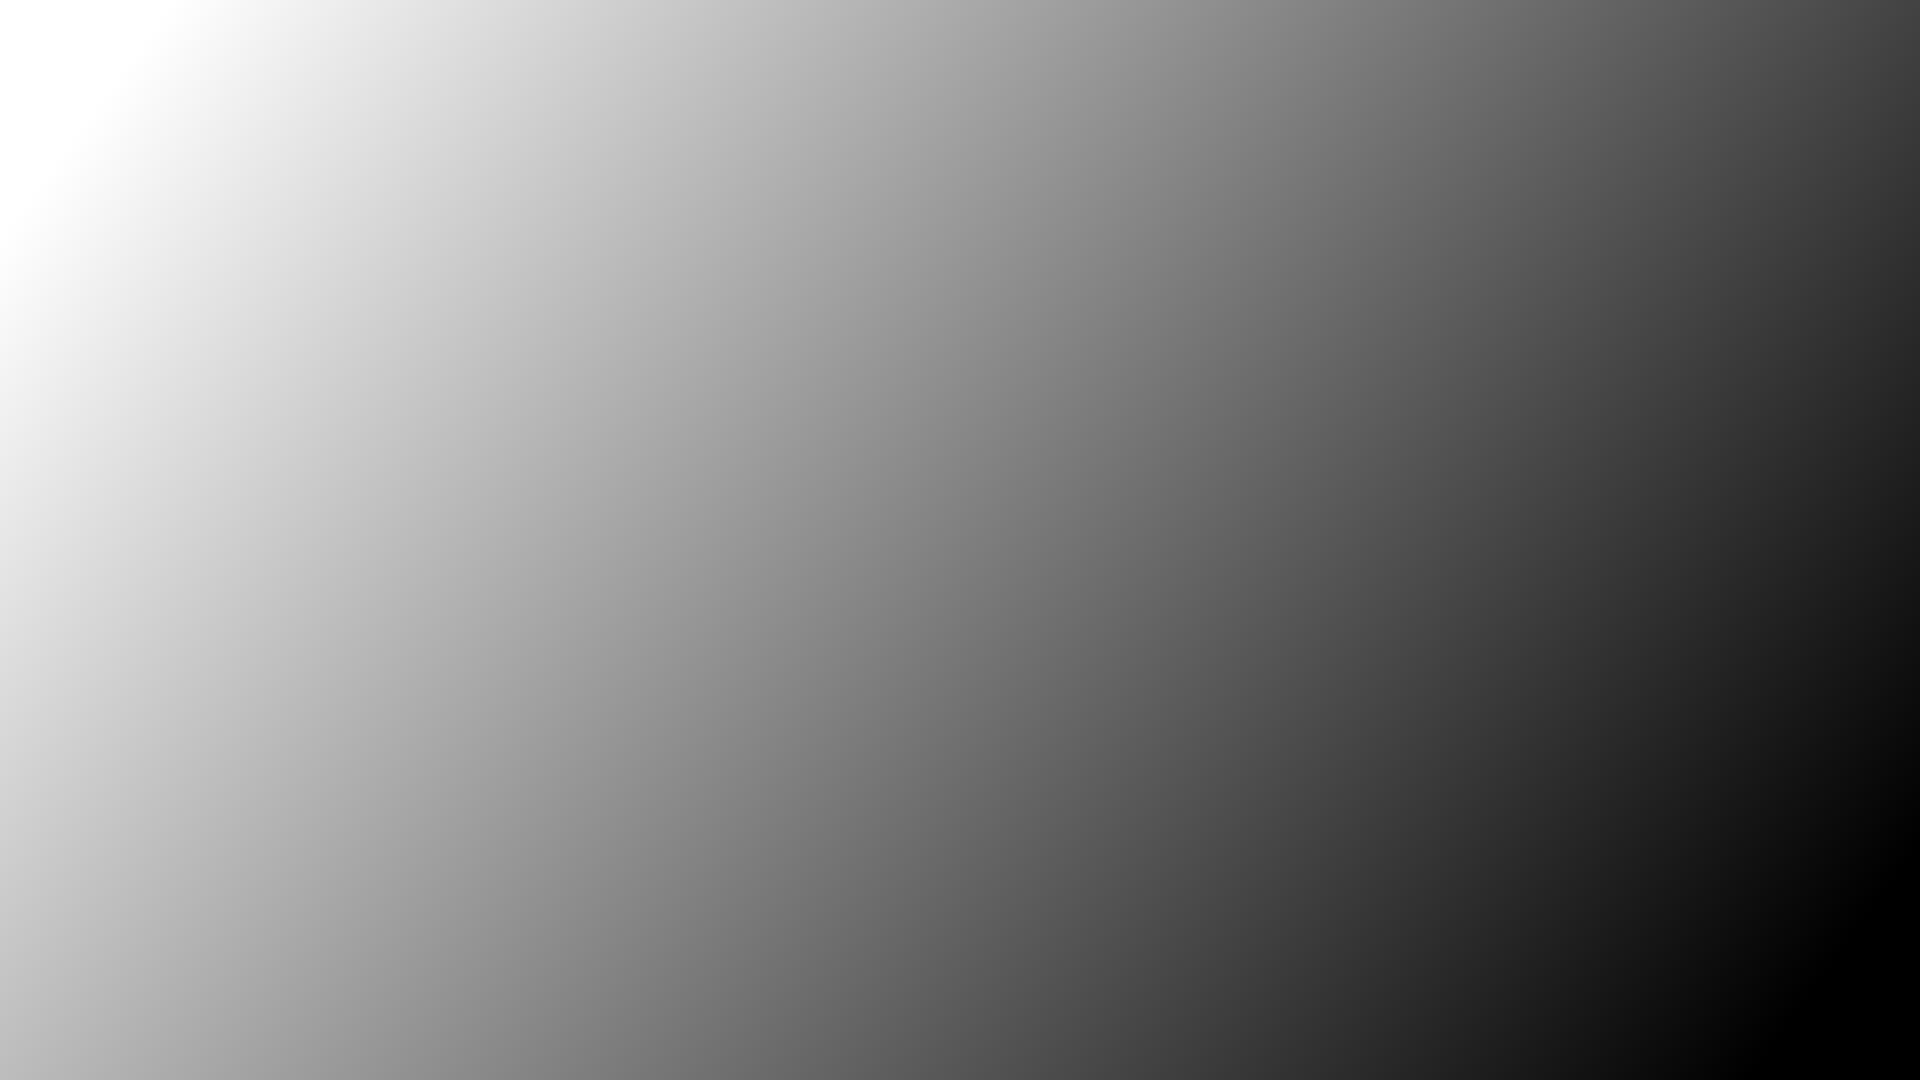 白色と黒色のグラデーション 壁紙 画像 エムズライファー